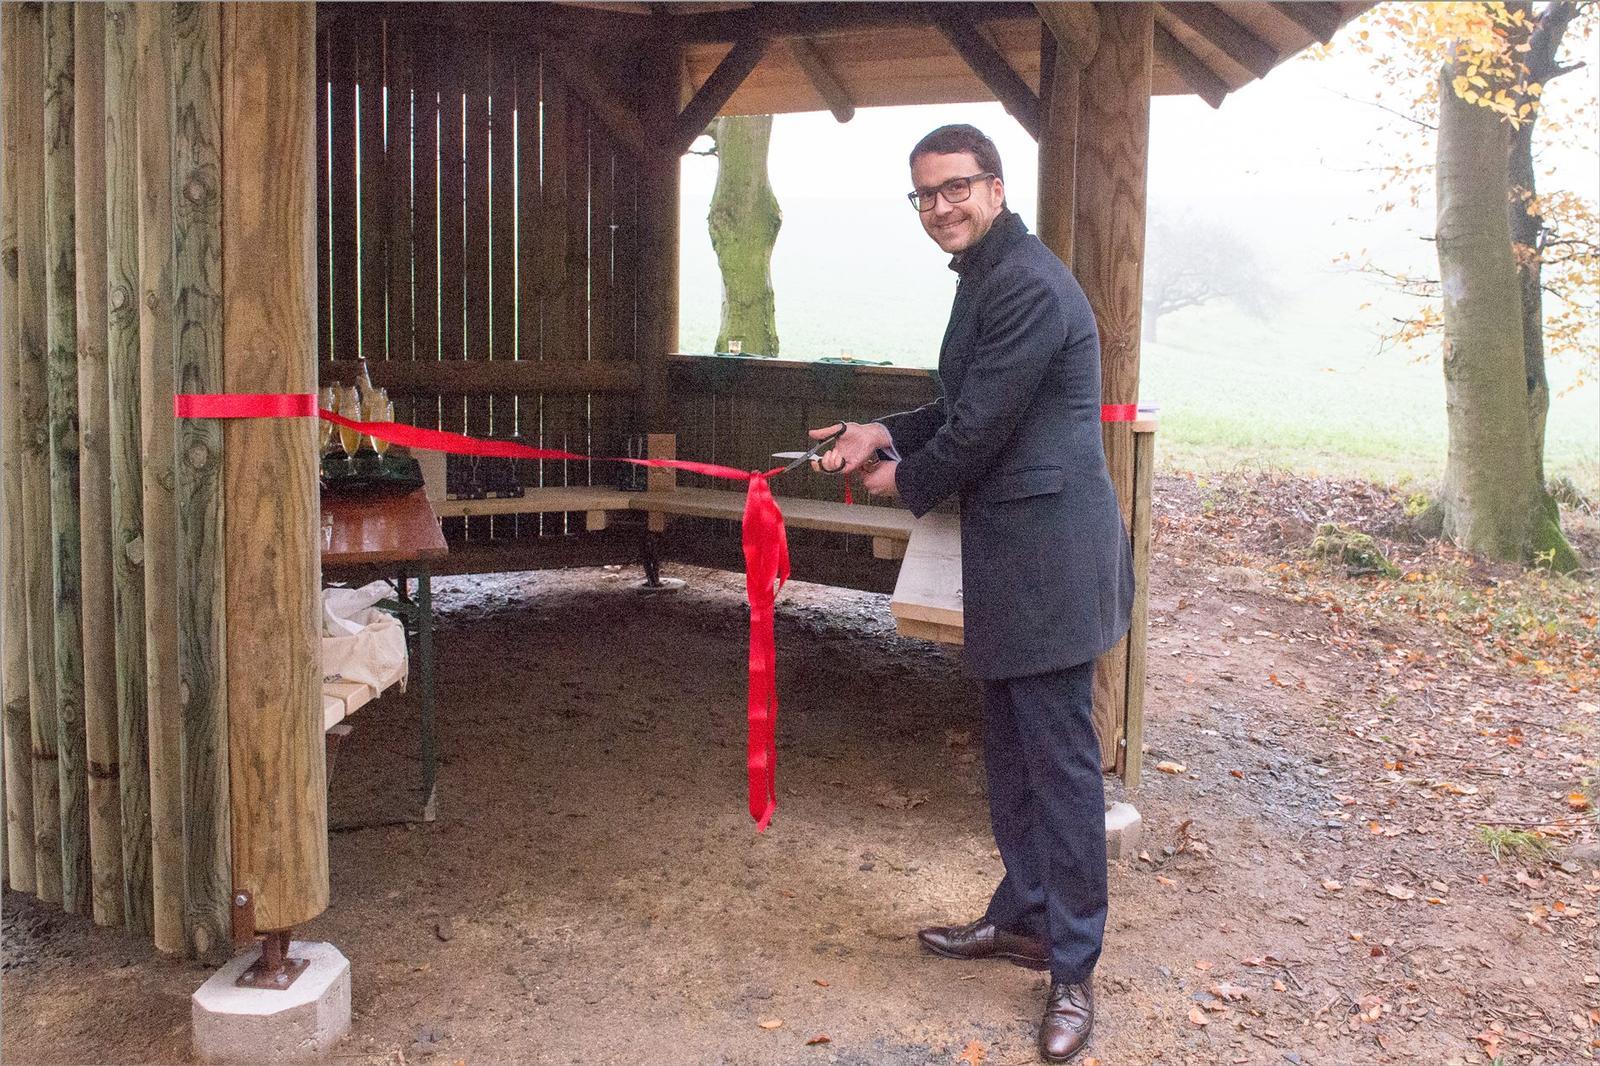 Einweihung der Schutzhütte am Bestattungswald 12 Aposten bei Nonrod - Foto Bernd Dörwald